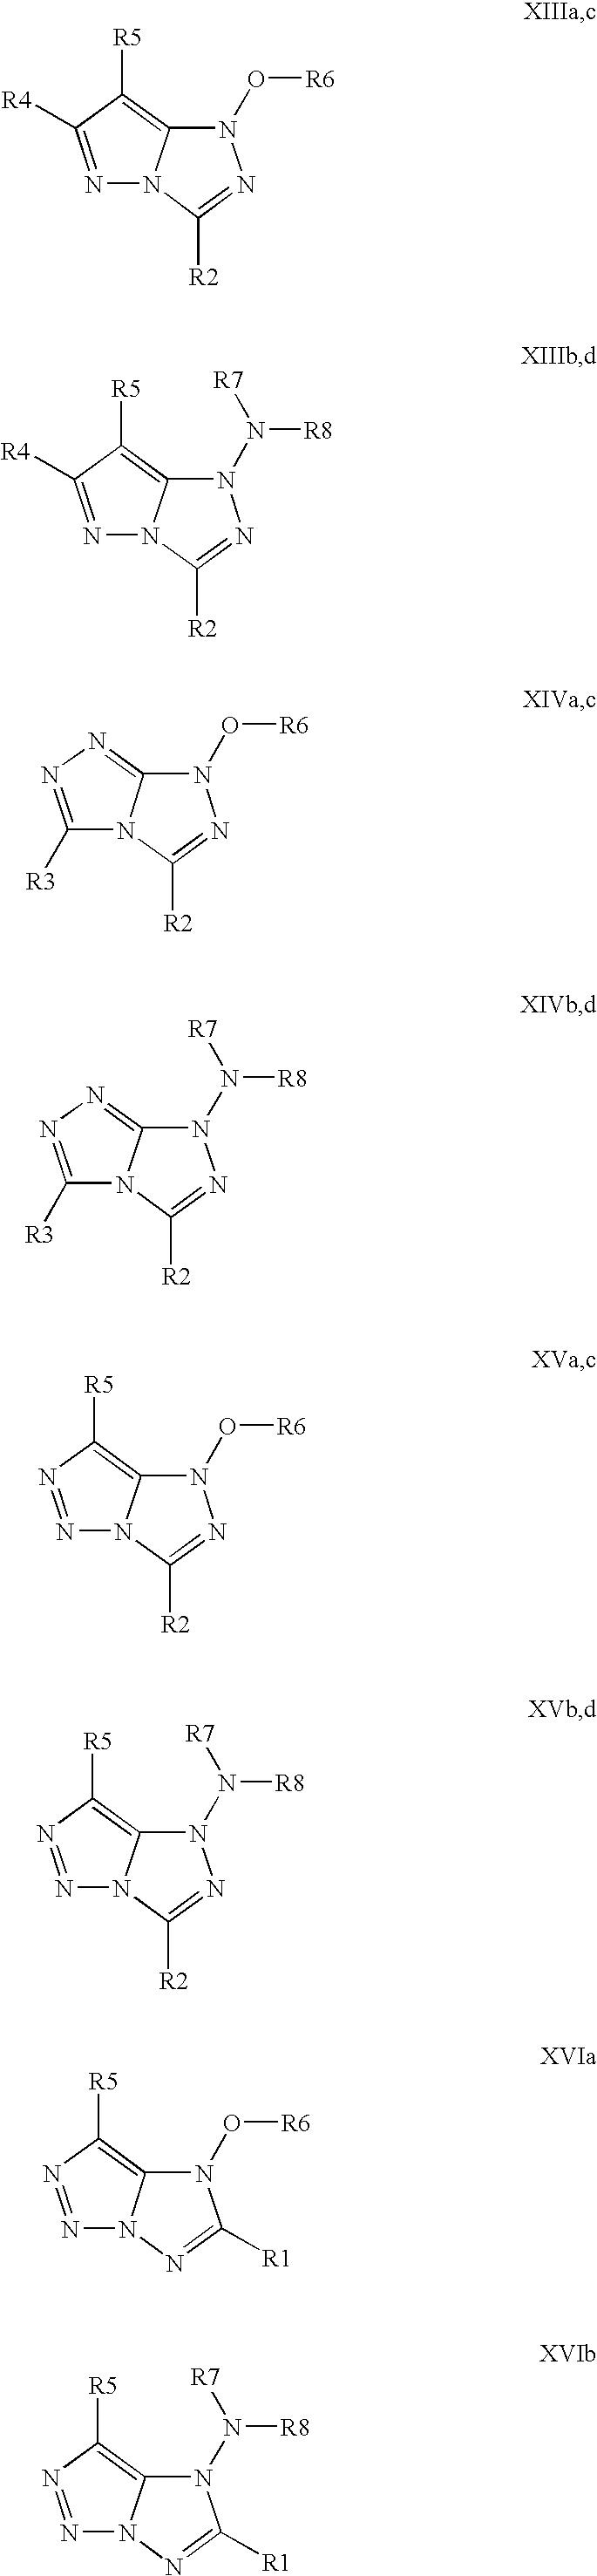 Figure US07288123-20071030-C00005